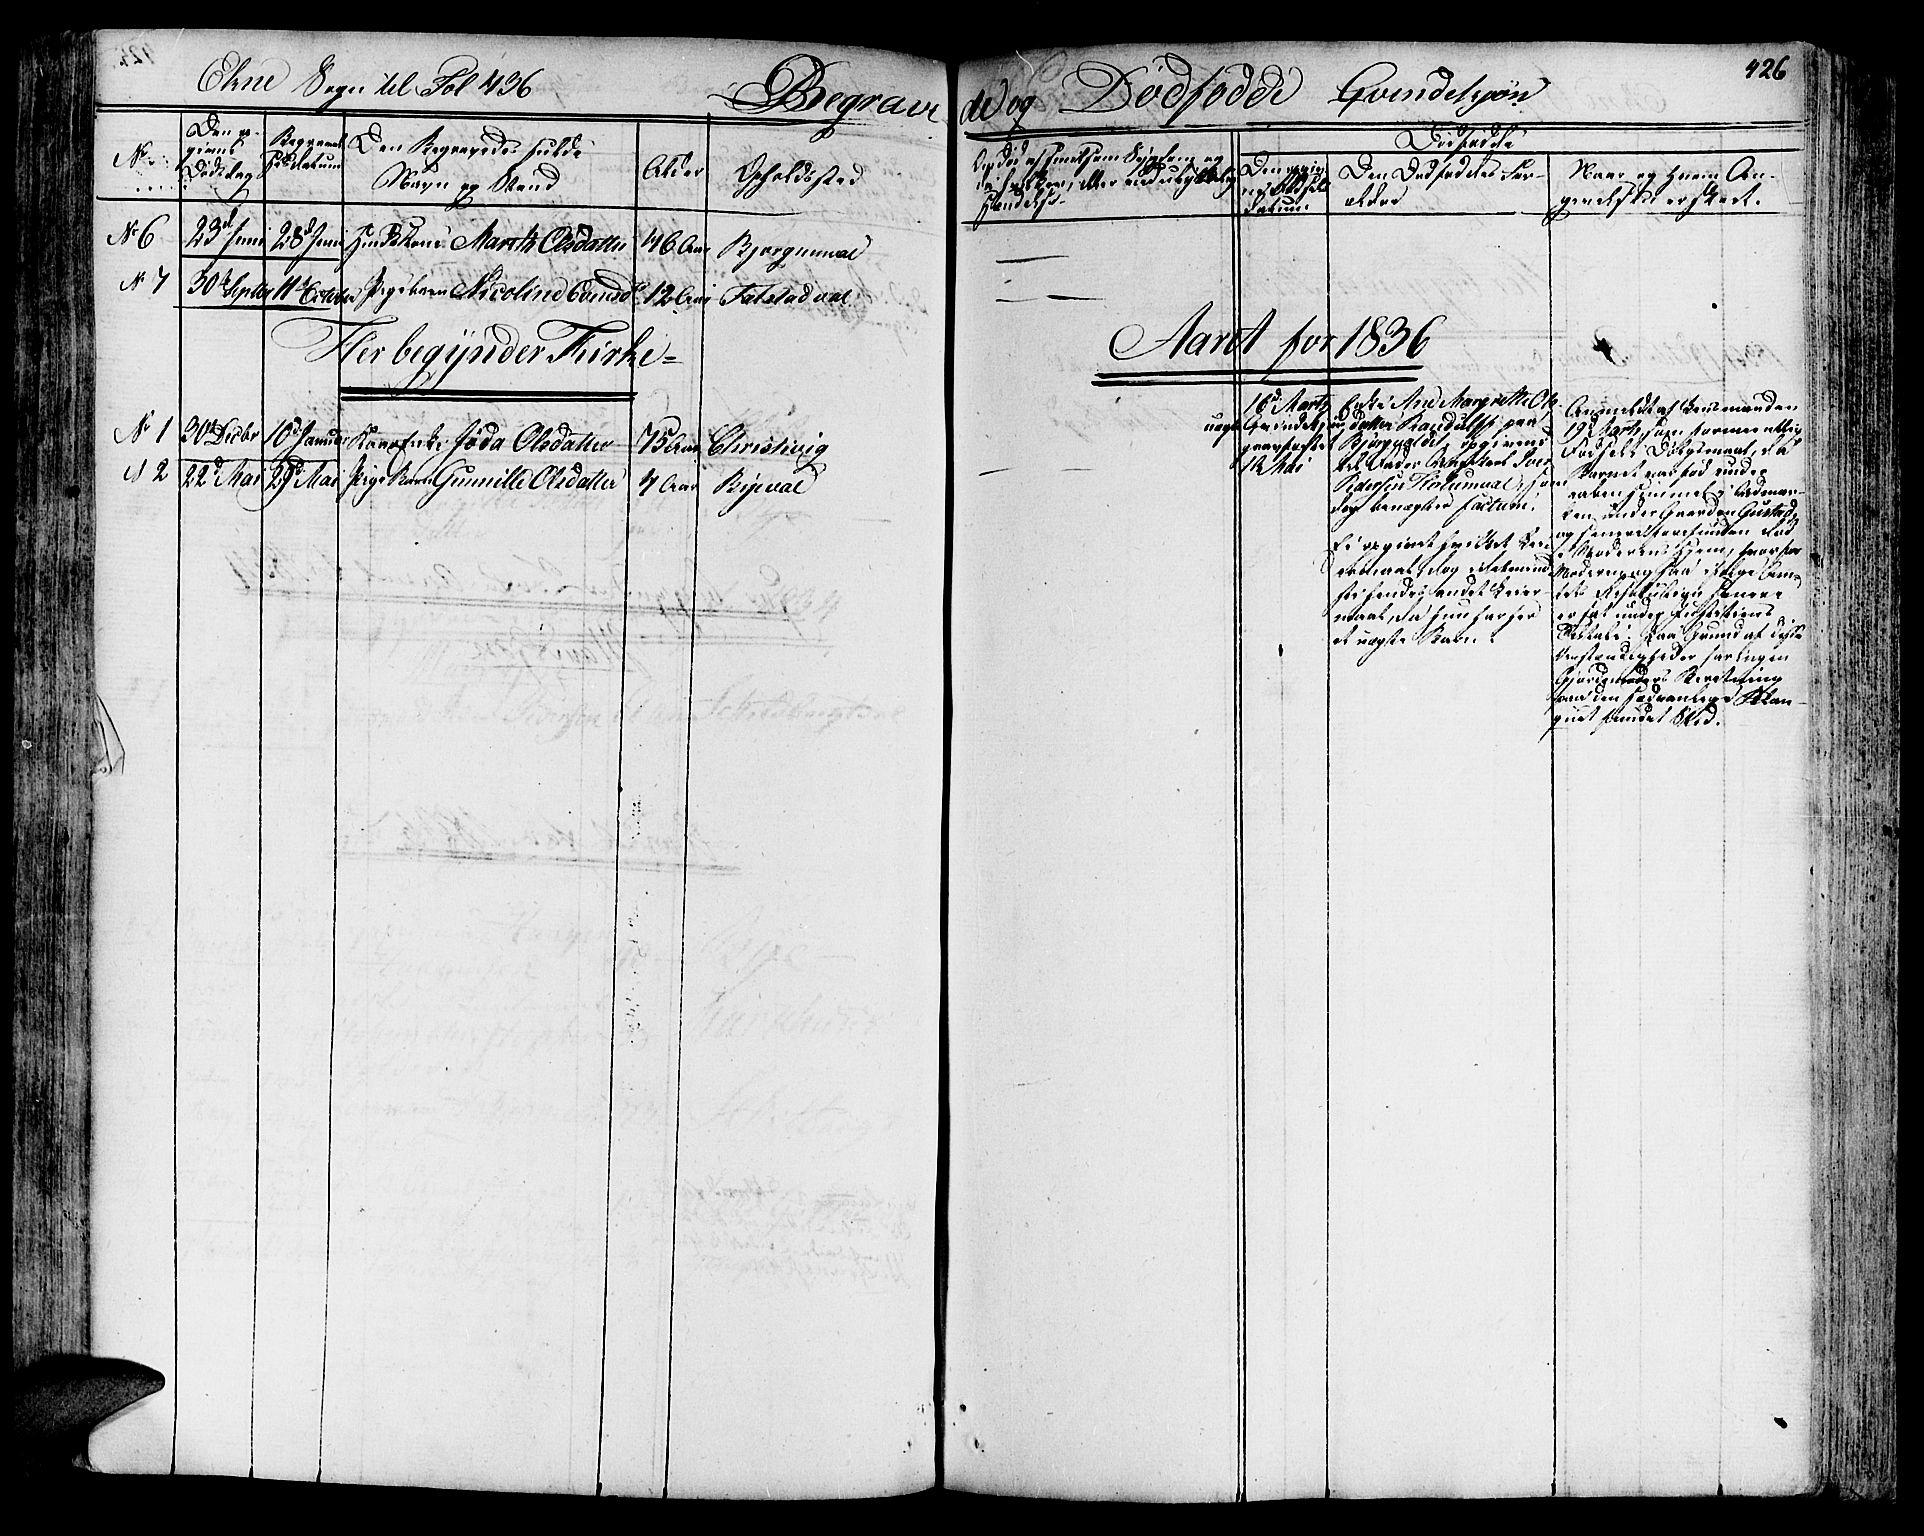 SAT, Ministerialprotokoller, klokkerbøker og fødselsregistre - Nord-Trøndelag, 717/L0152: Ministerialbok nr. 717A05 /2, 1828-1836, s. 426